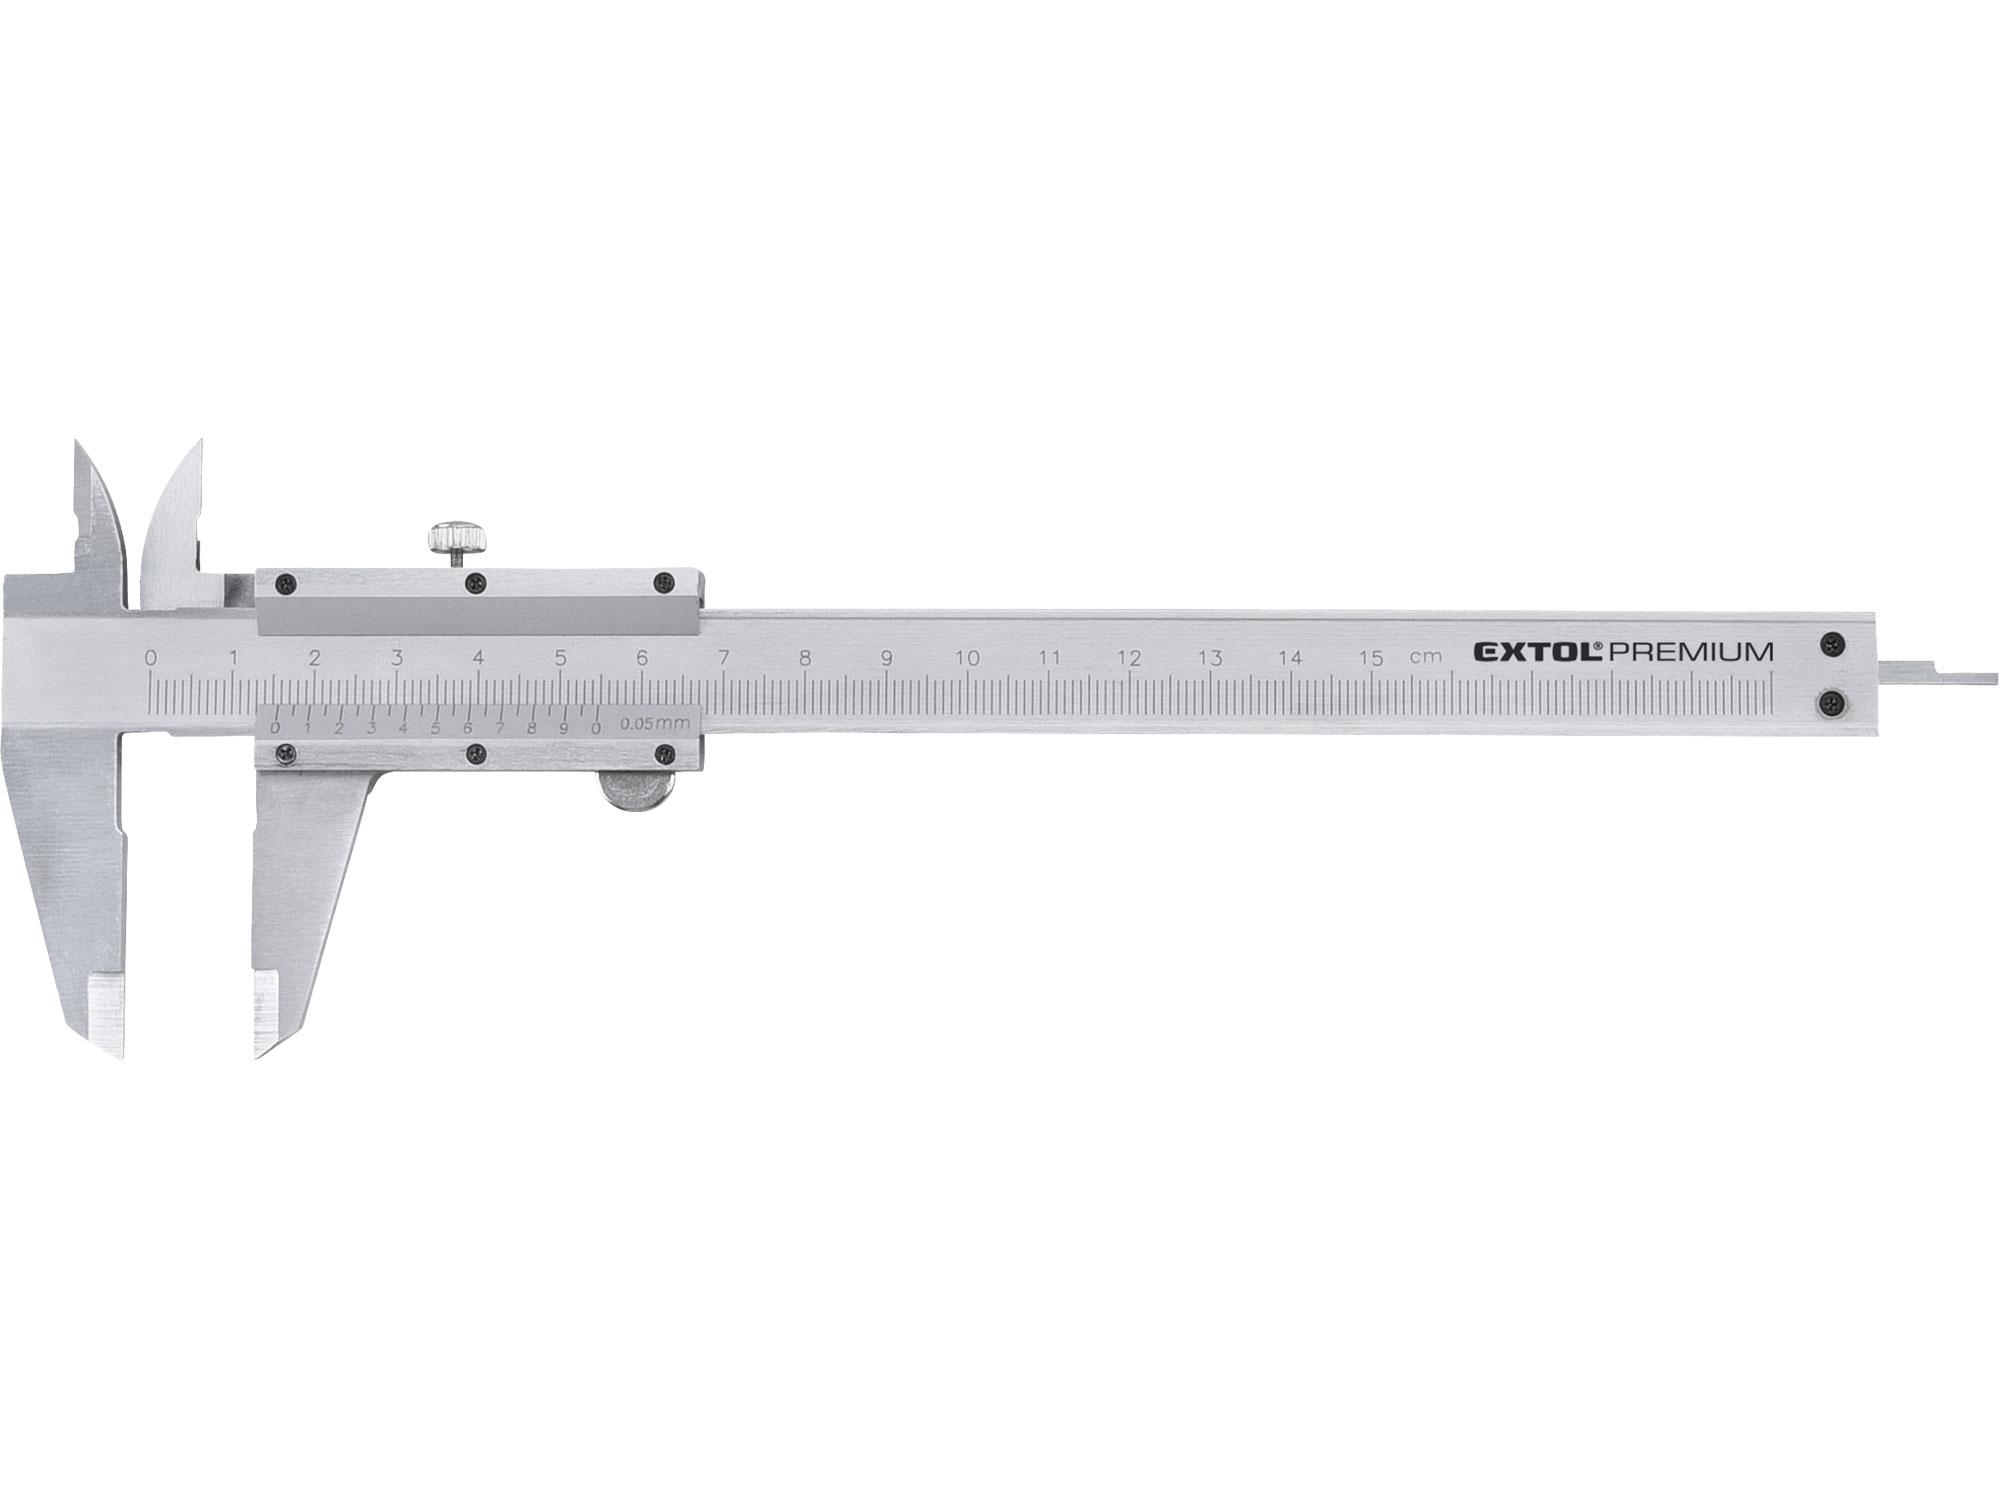 měřítko posuvné kovové, 0-150mm, EXTOL PREMIUM 3425